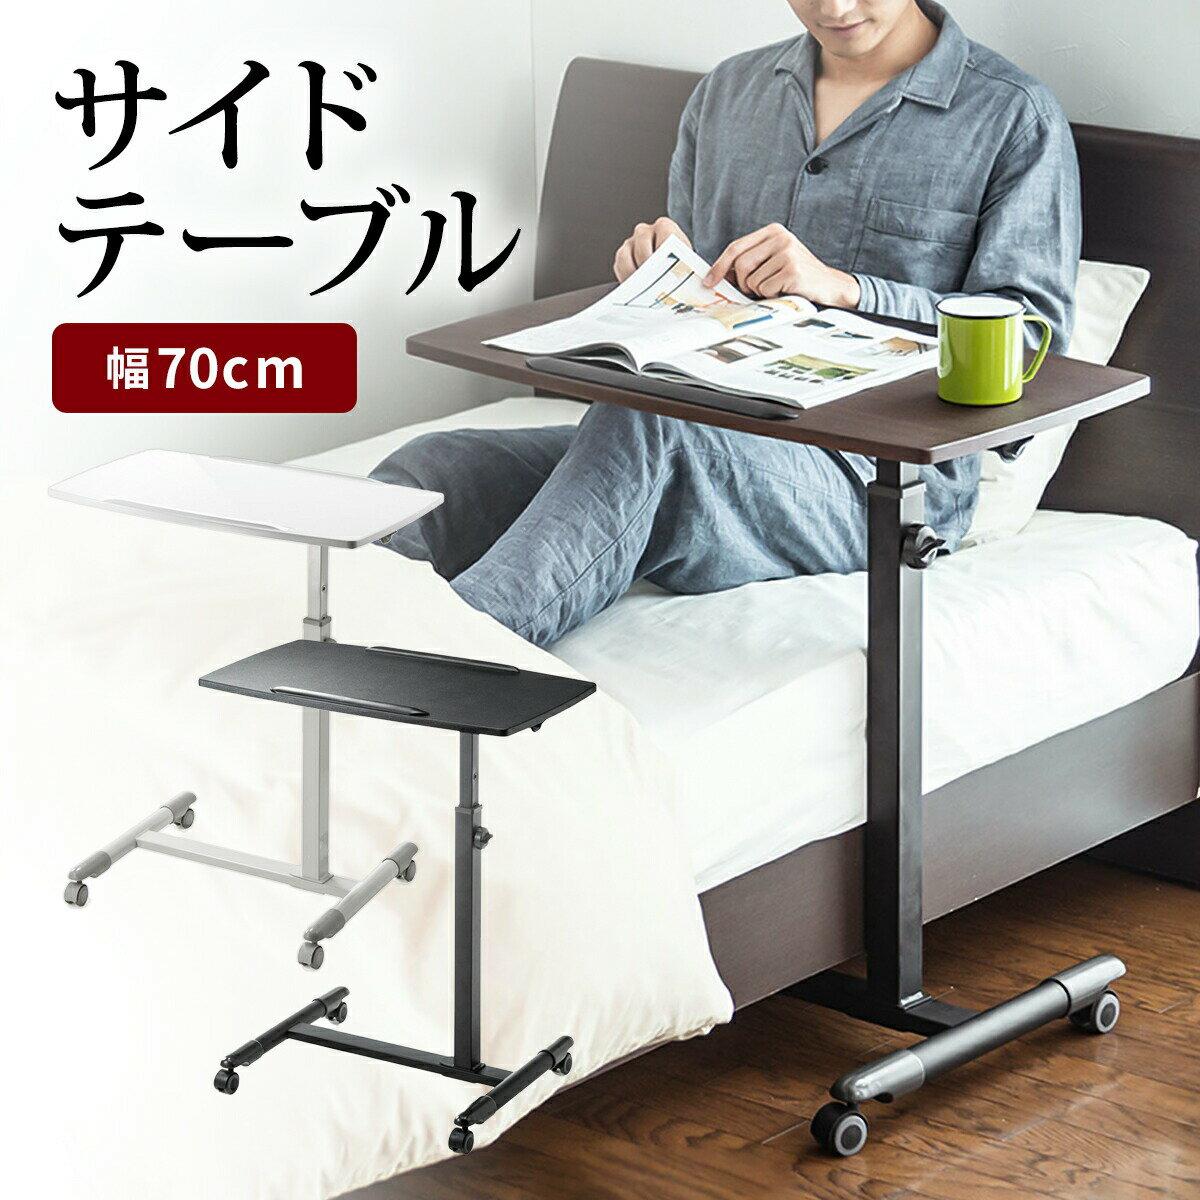 ベッドサイド サイドテーブル ノートPC台 キャスター付 高さ調整可能 ベッドテーブル ソファーテーブル ミニテーブル コーヒーテーブル ナイトテーブル